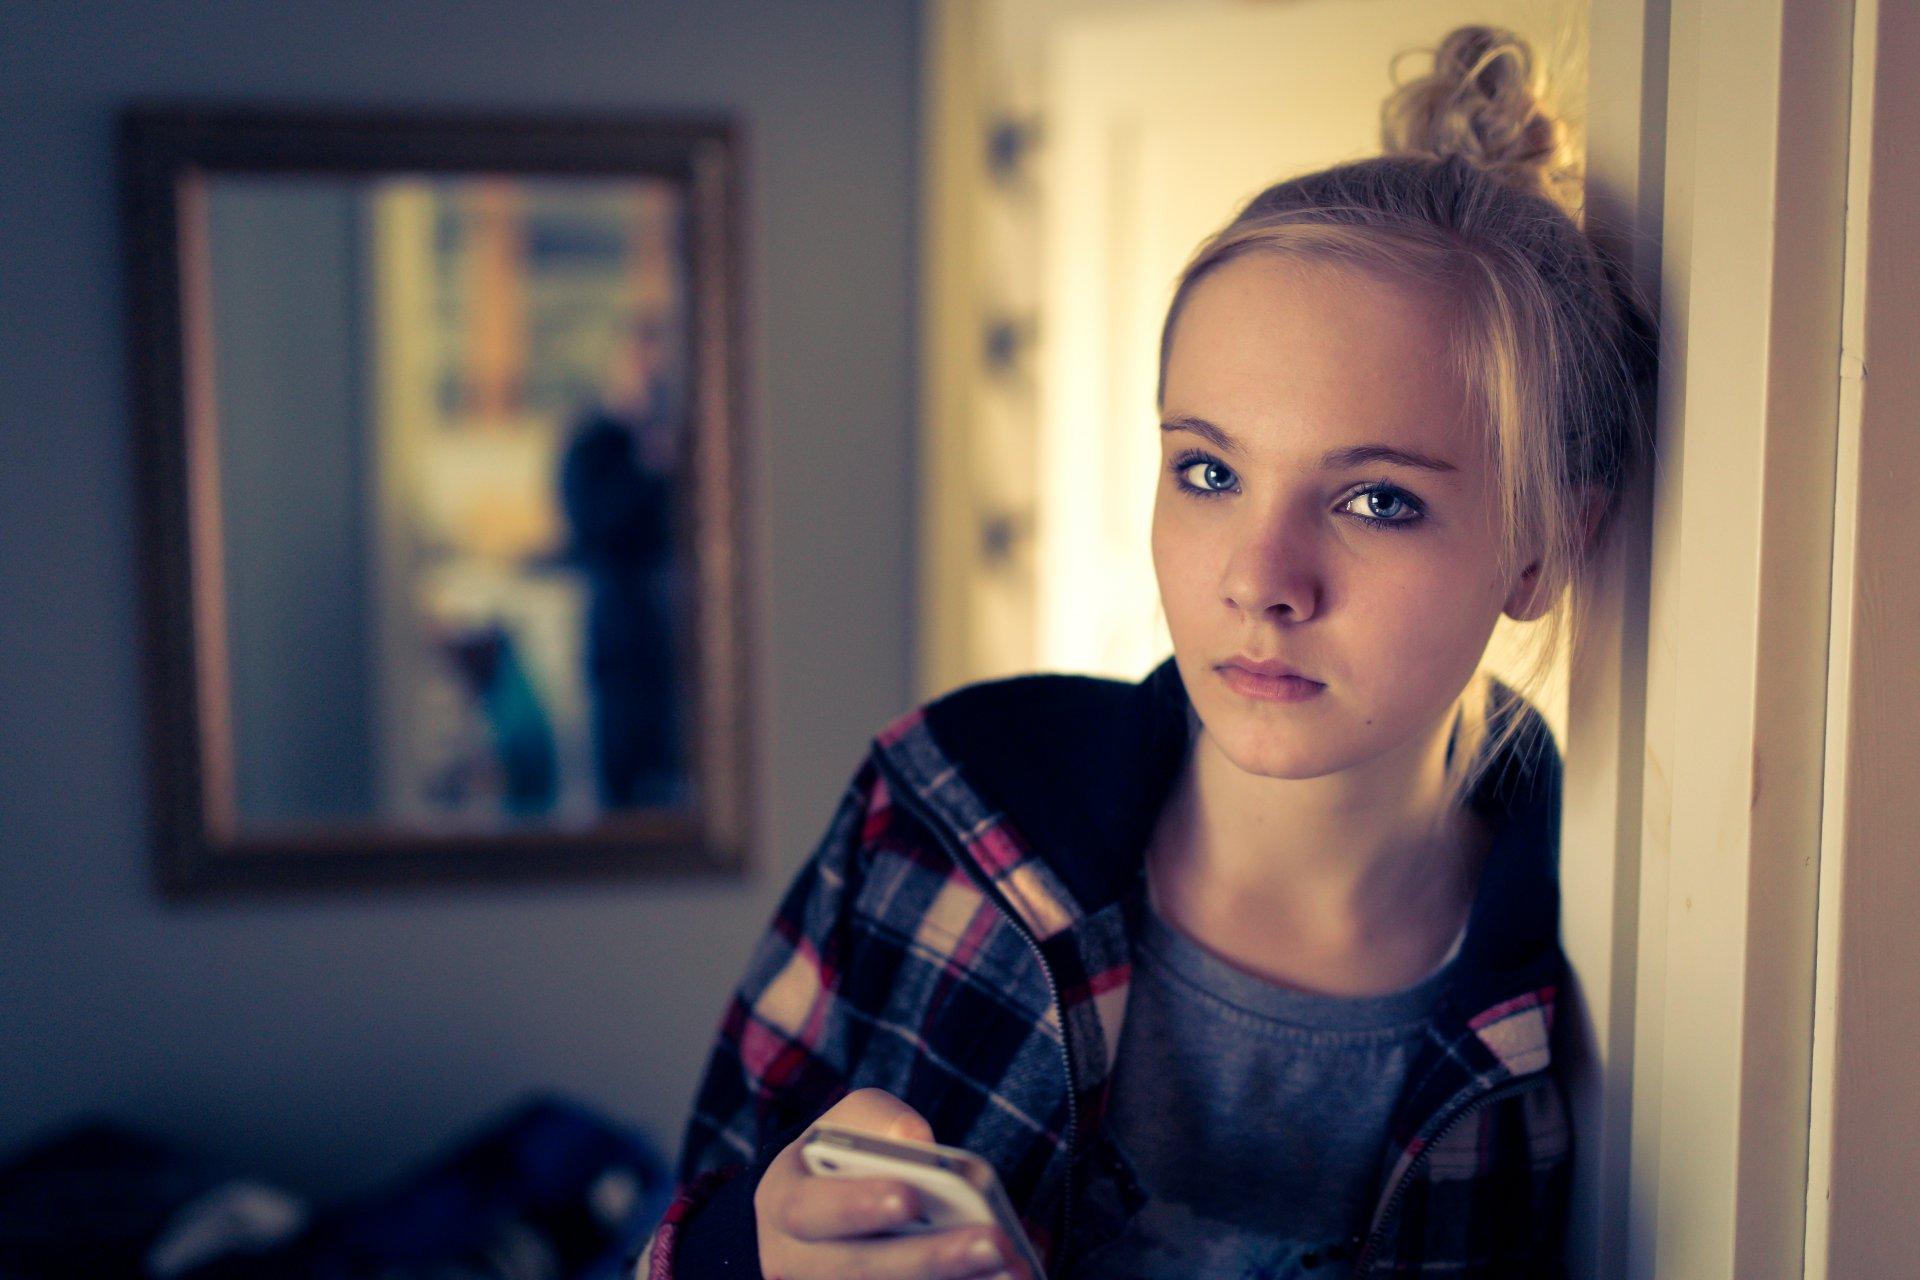 Смотреть фото молодых красивых девочек в домашнем, Откровенные снимки молодых русских девушек 17 фотография